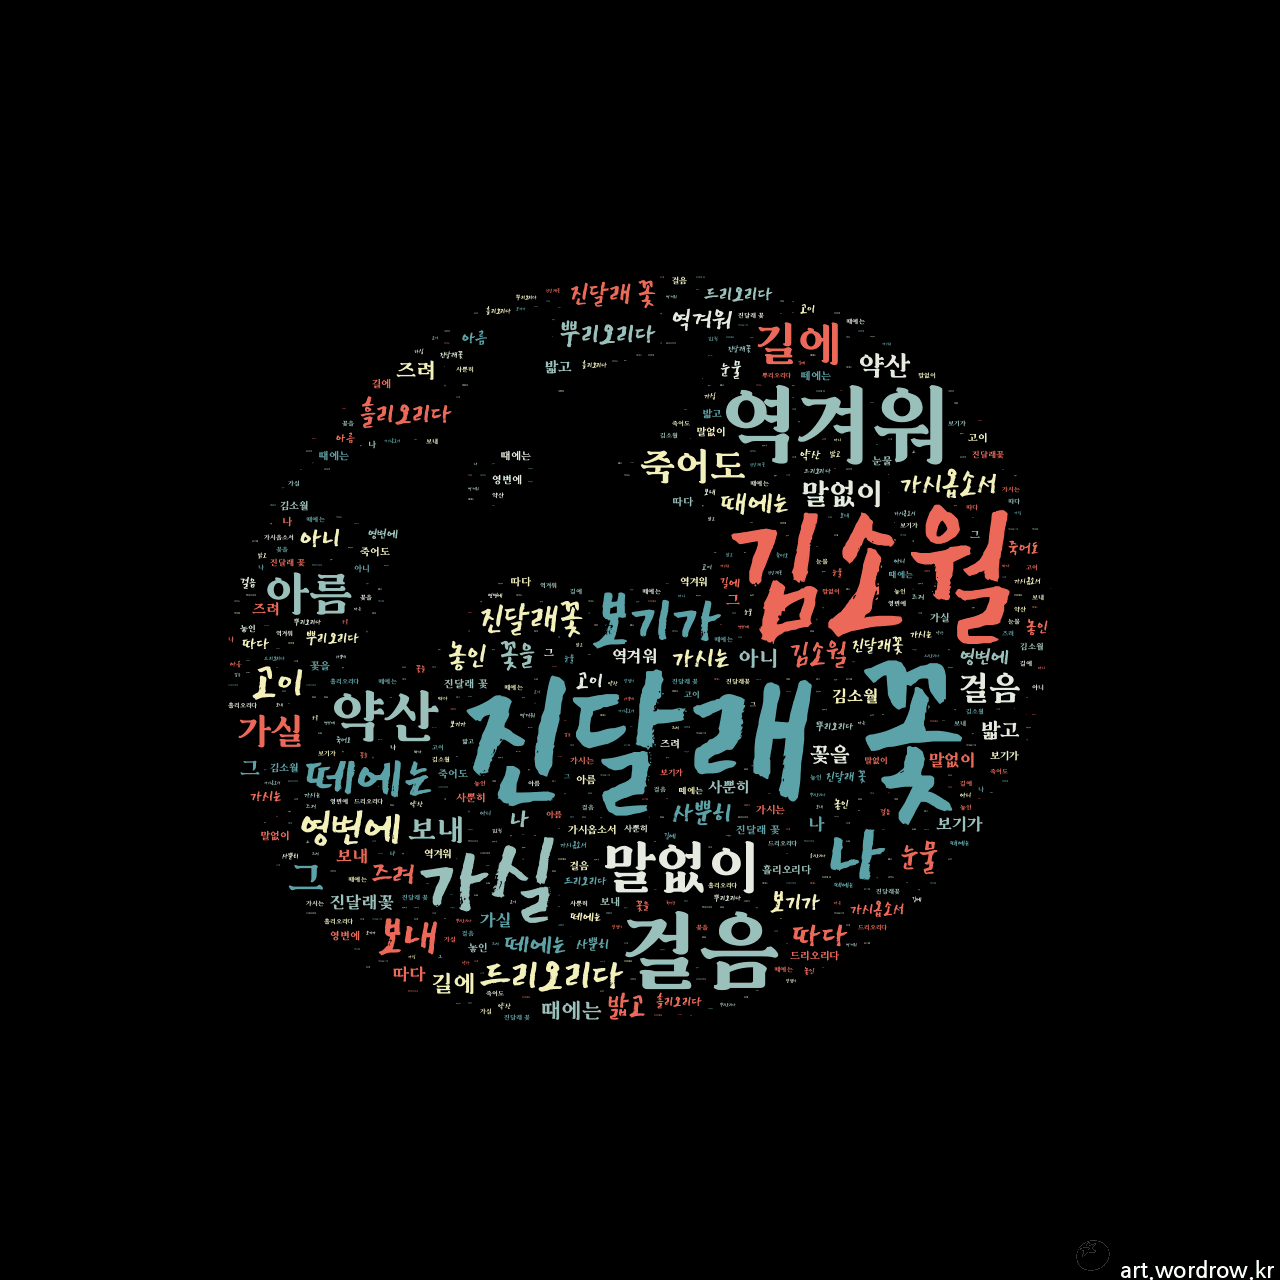 워드 클라우드: 진달래 꽃 [김소월]-5